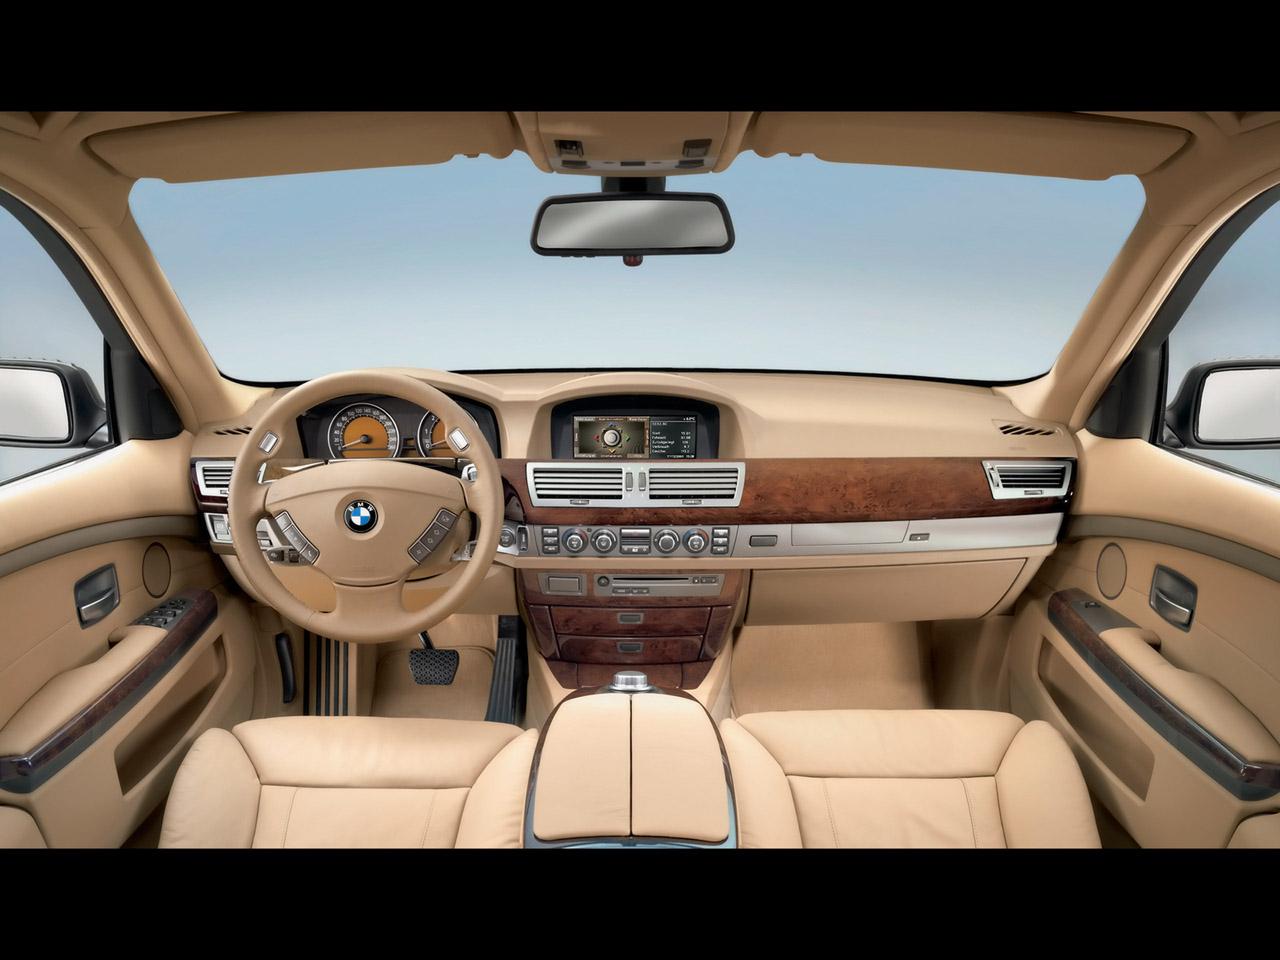 Wallpapers BMW Series Wallpaper - 2012 bmw 745li